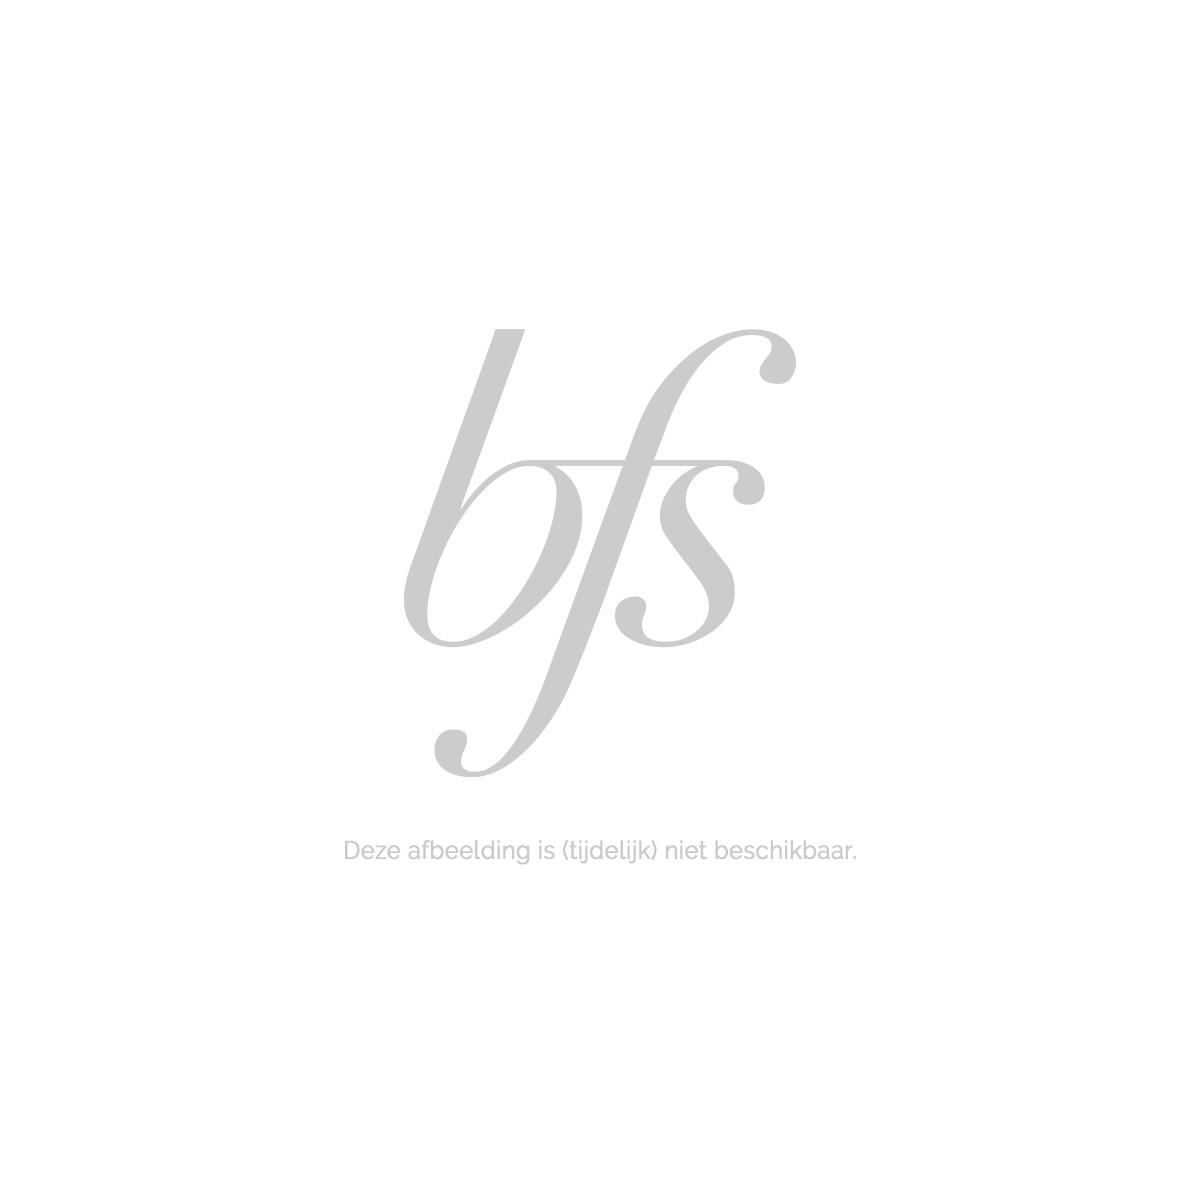 Rimmel Lasting Finish Matte Lipstick By Kate Moss 110